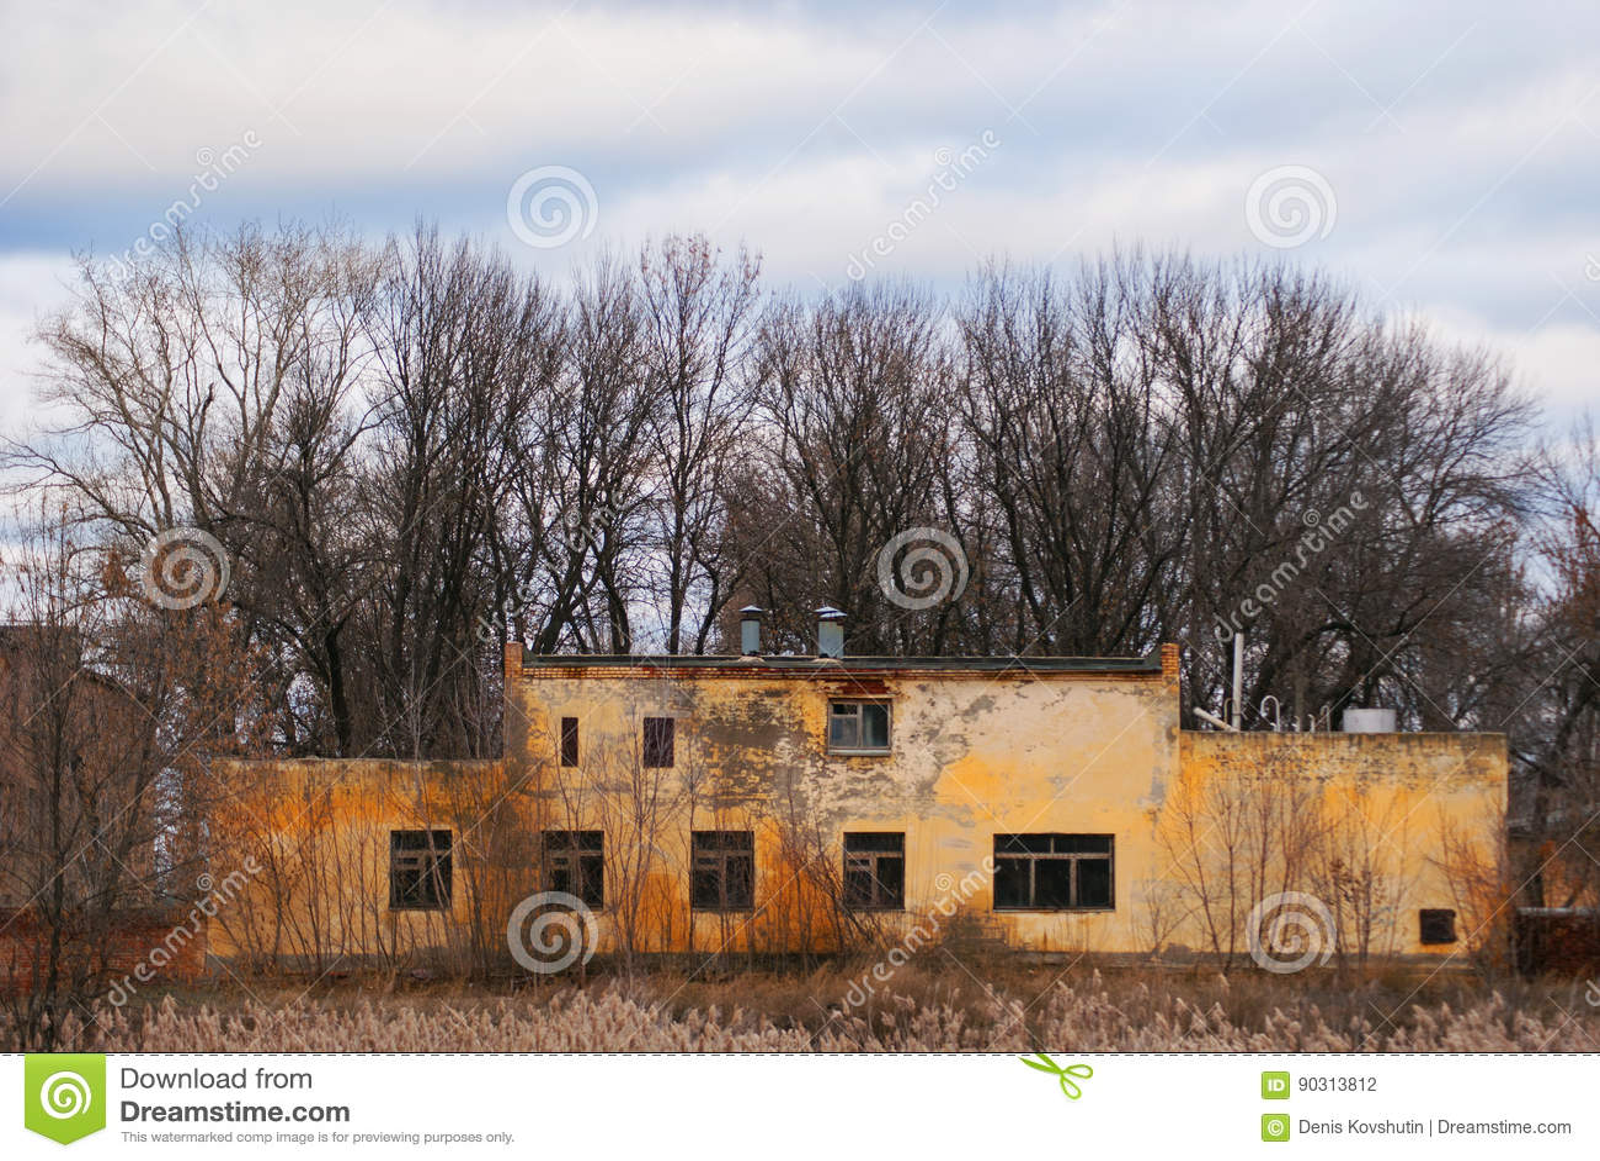 Un edificio dilapidado de una unidad militar abandonada